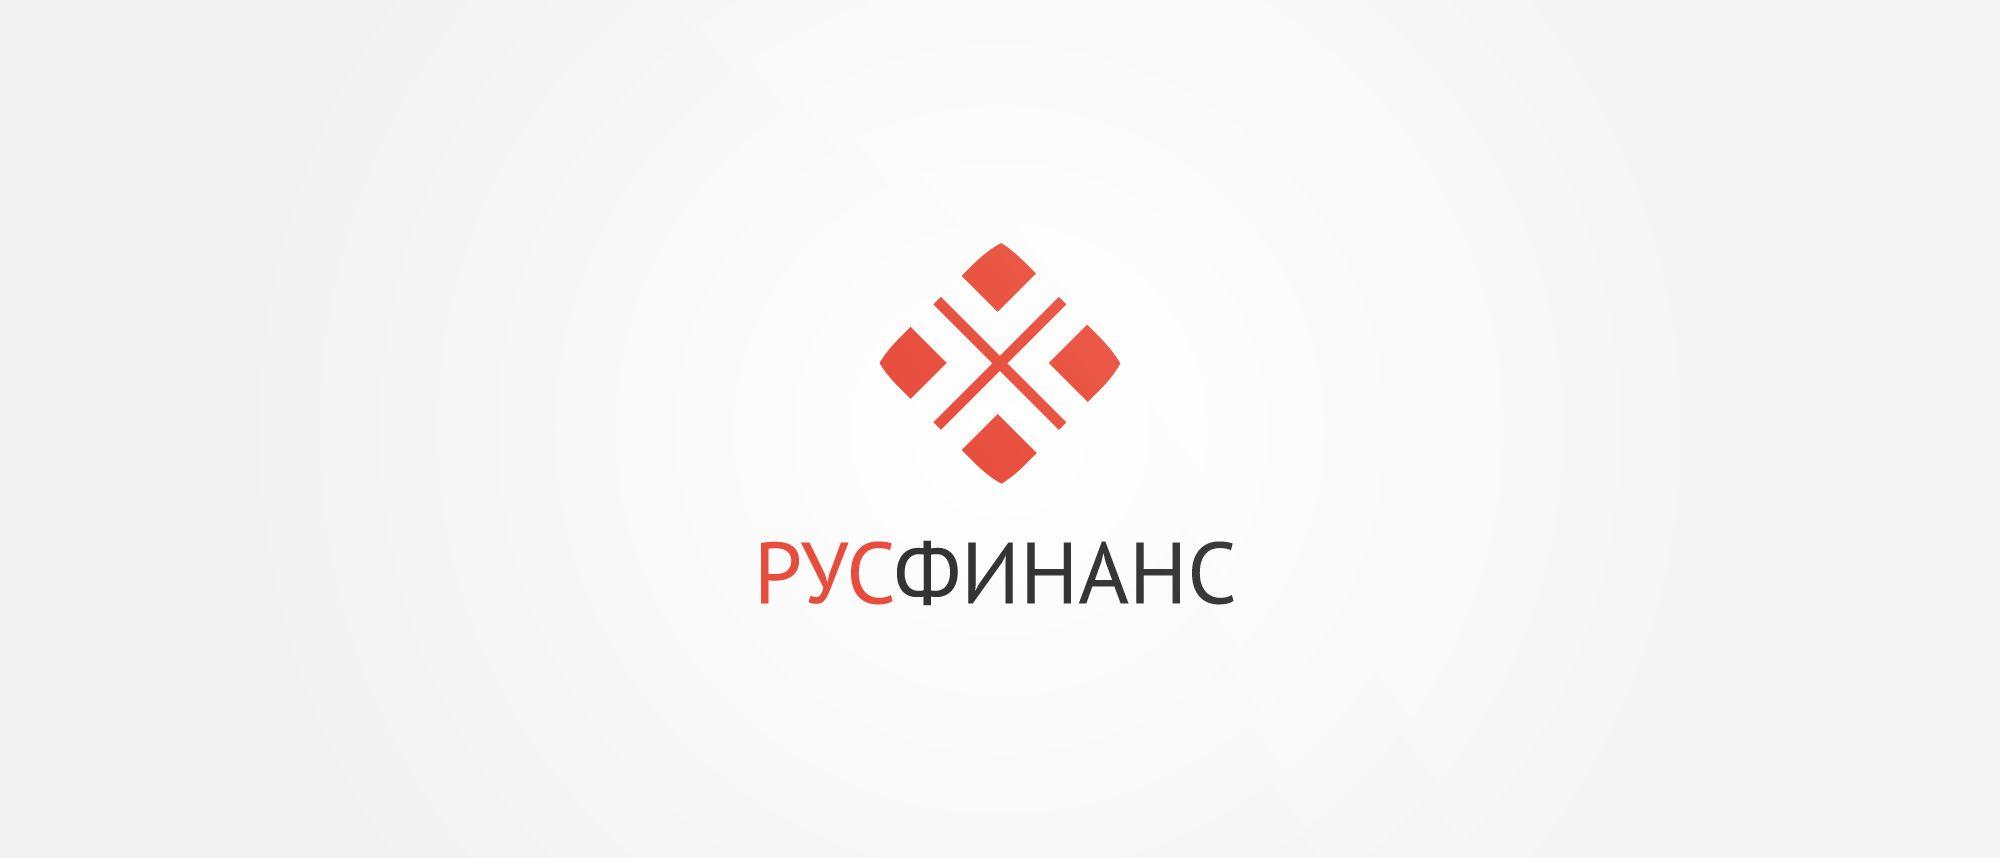 Логотип для Русфинанс - дизайнер e5en